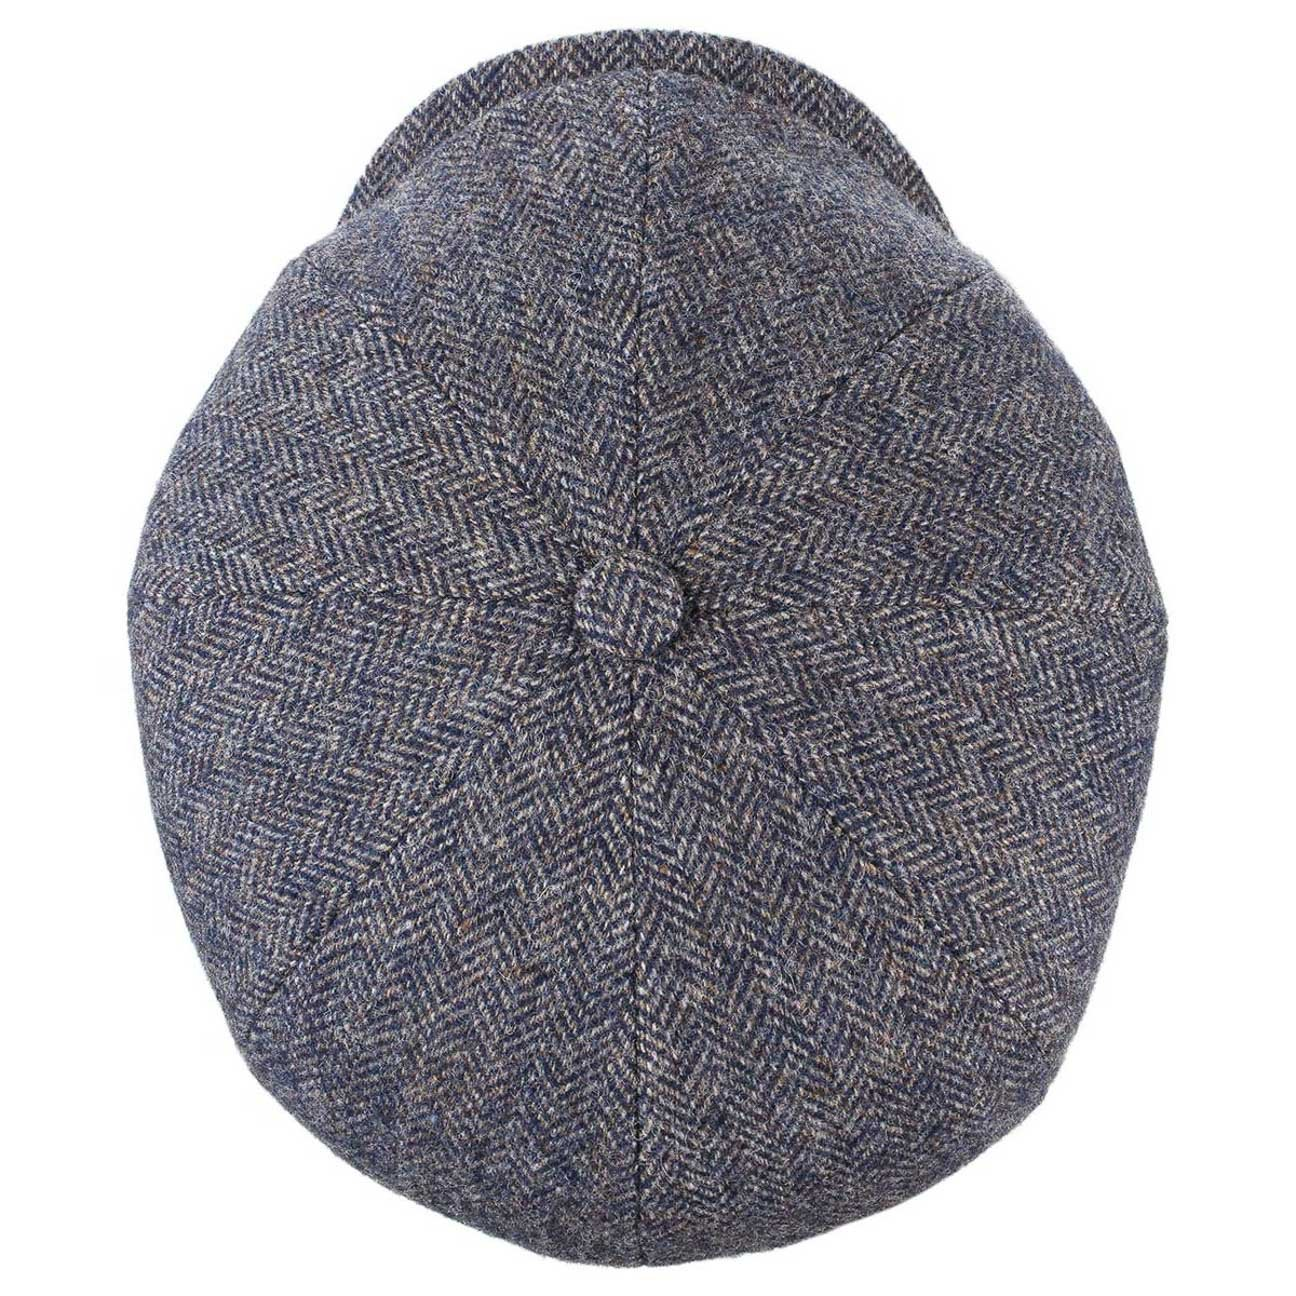 Stetson Hatteras Woolrich Coppola cappello piatto berretti piatti ... e70361d12a7b